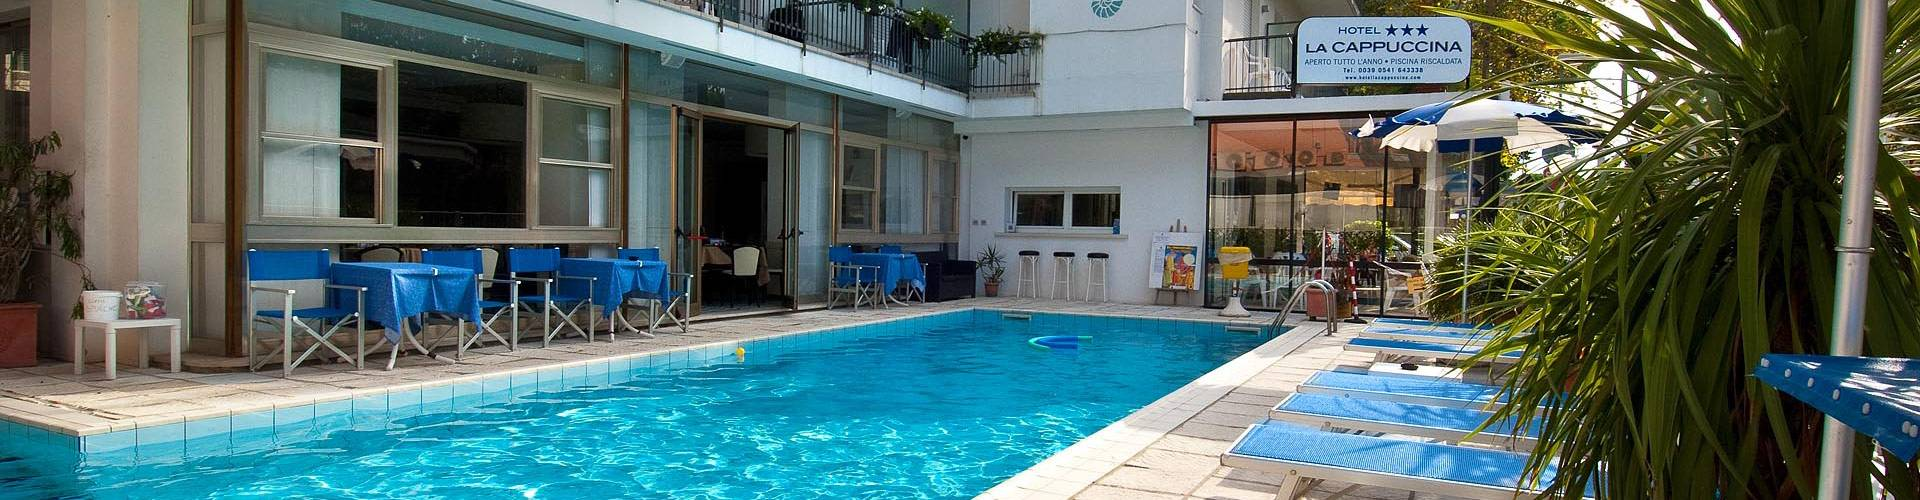 Hotel con piscina hotel la cappuccina - Albergo con piscina in camera ...